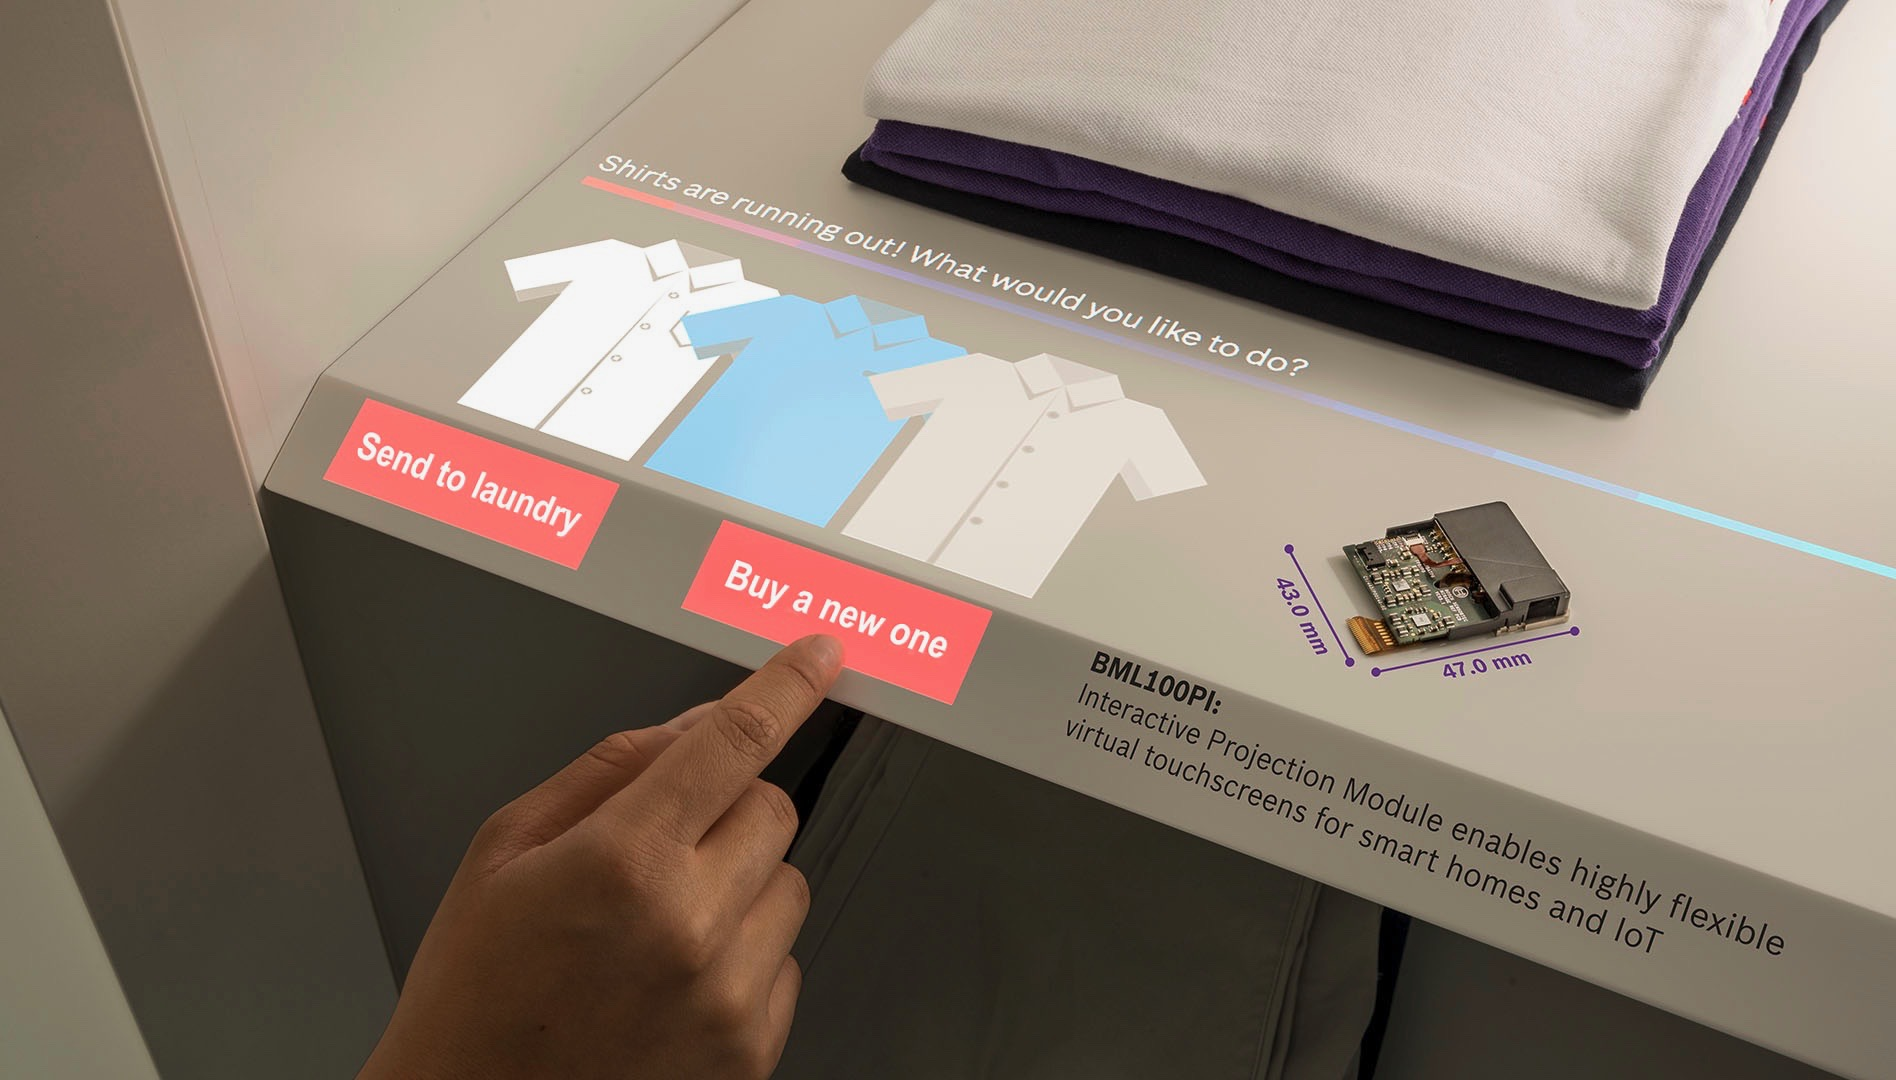 Virtuálna dotyková obrazovka pre každý povrch v chytré domácnosti a IoT